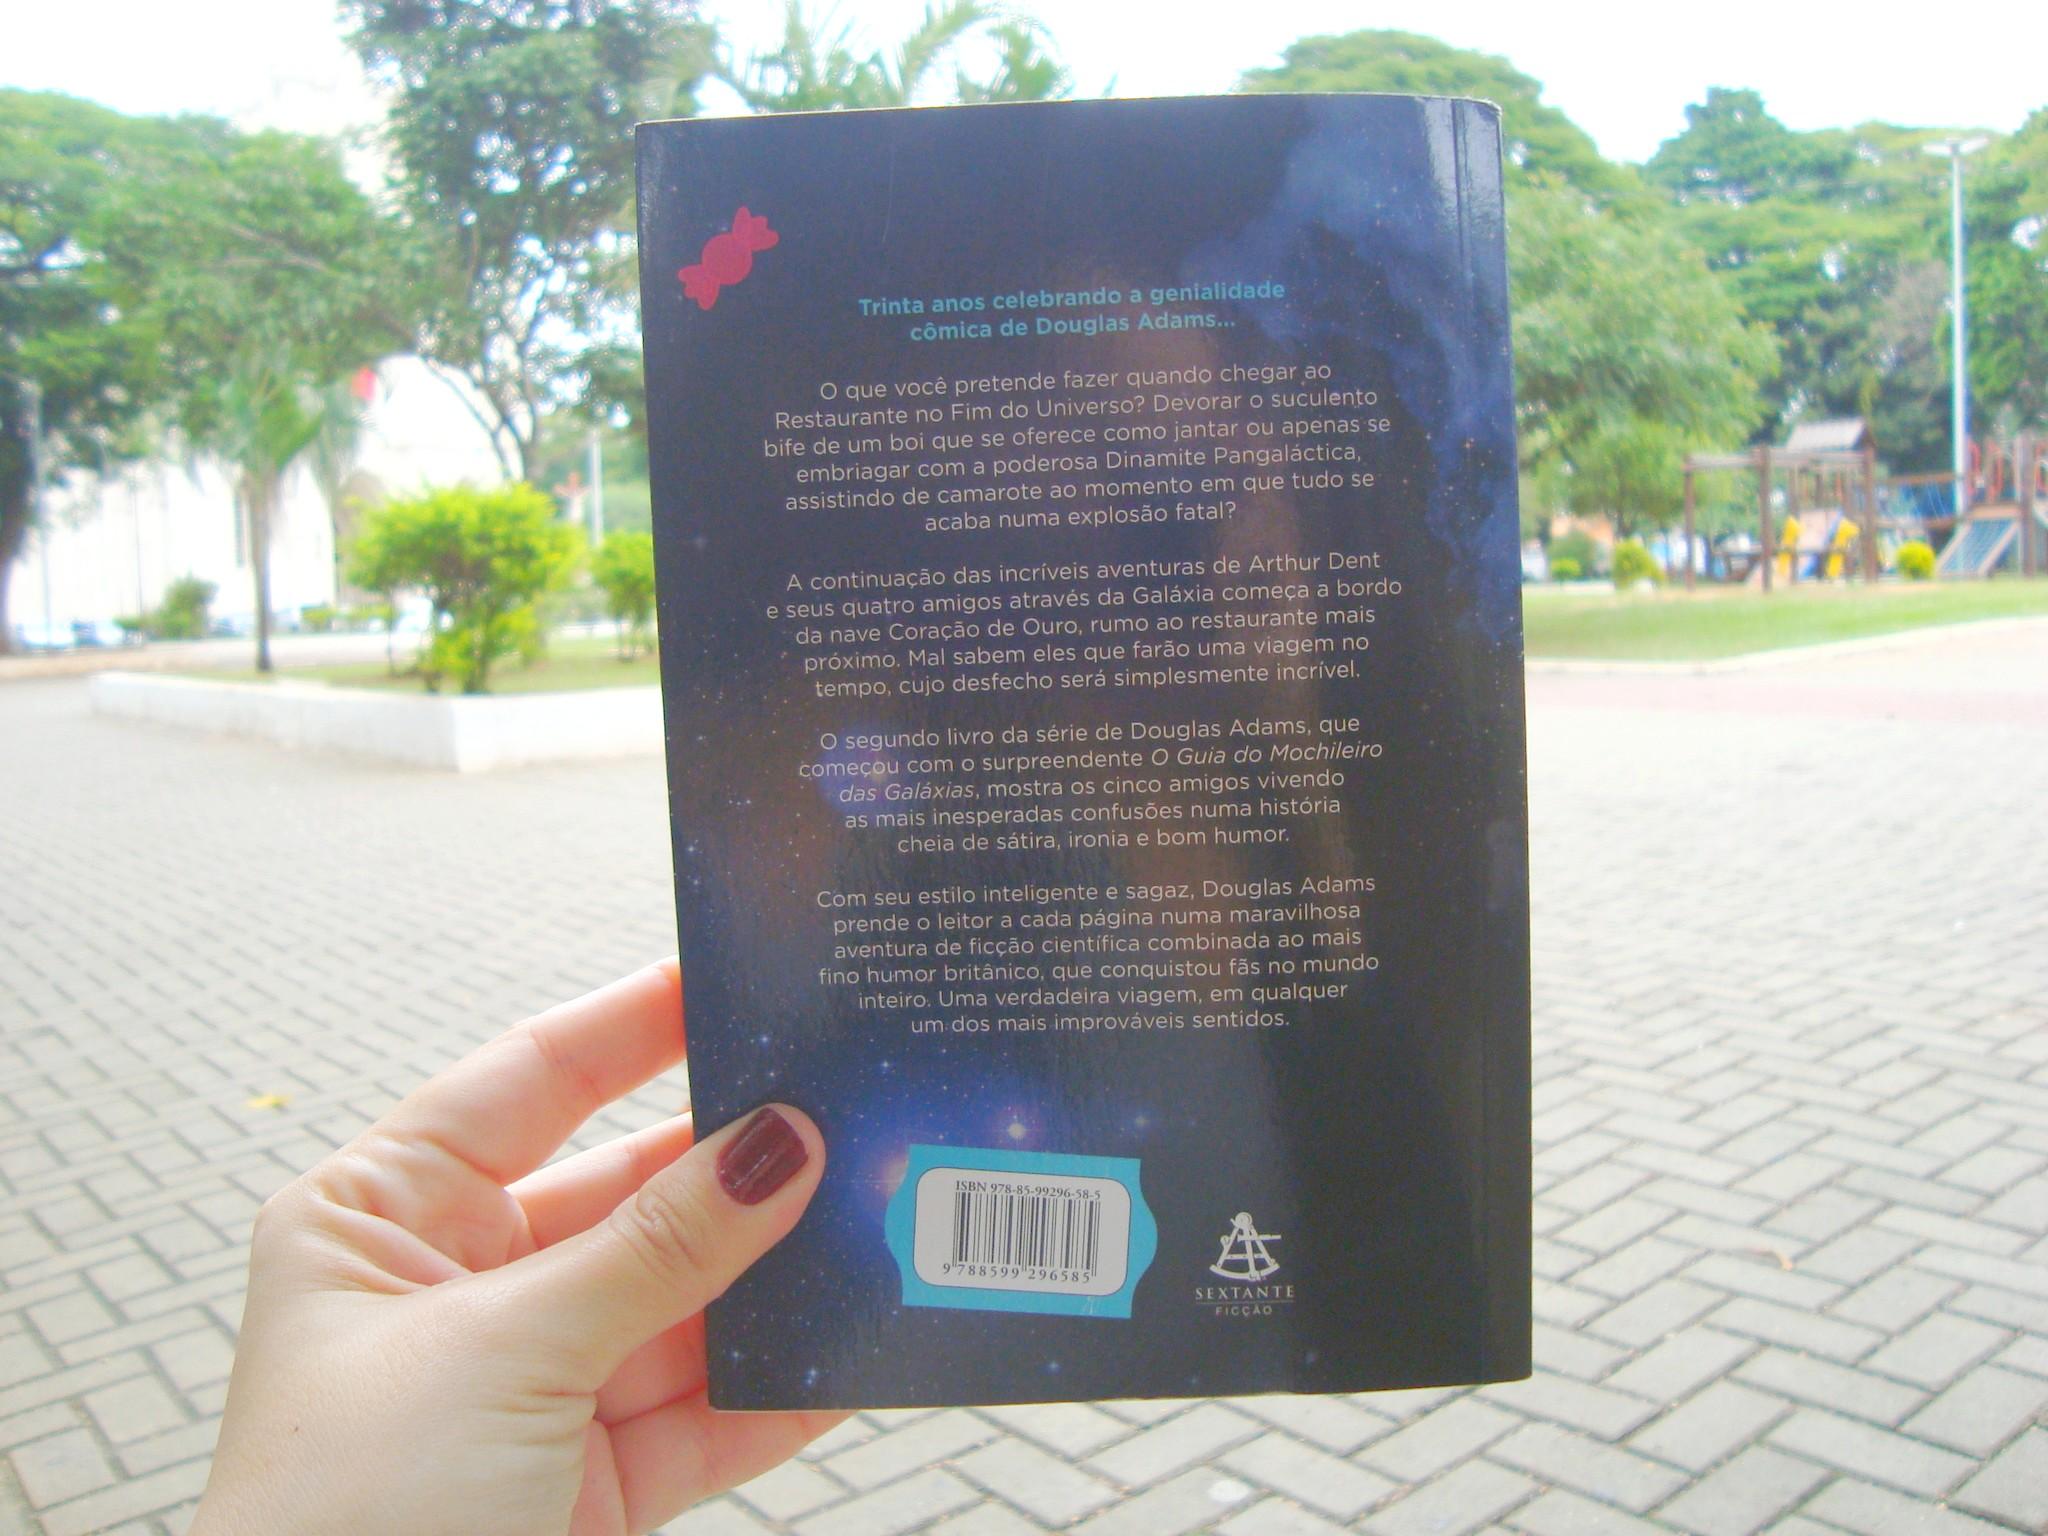 Contra capa do livro O restaurante no fim do universo da série O Guia do Mochileiro das Galáxias